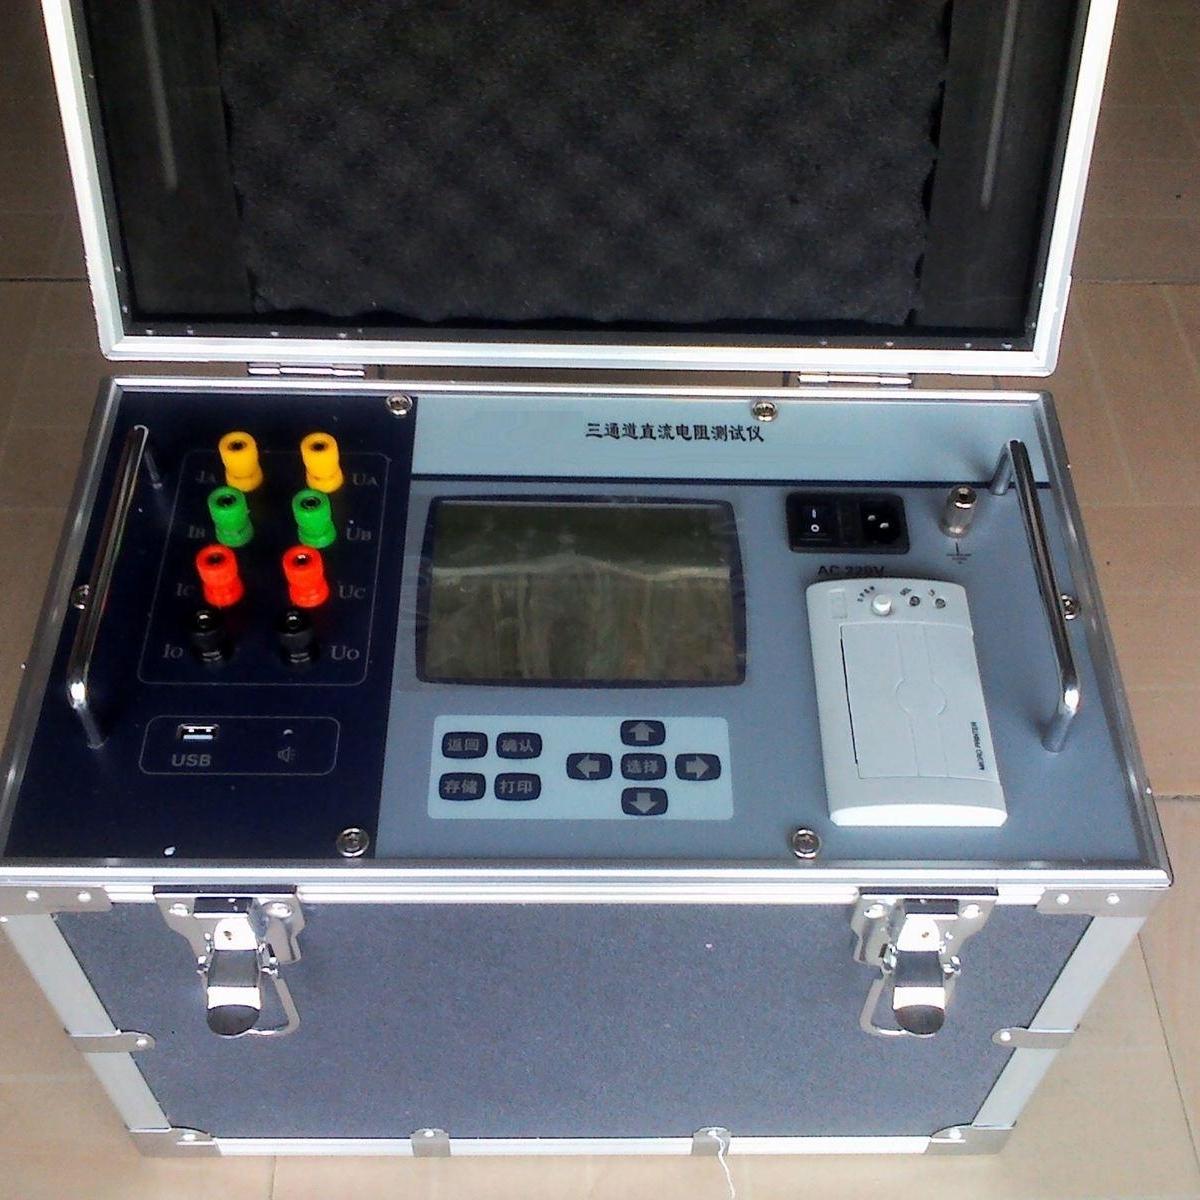 扬州承装设备接地成组直流电阻测试仪定制